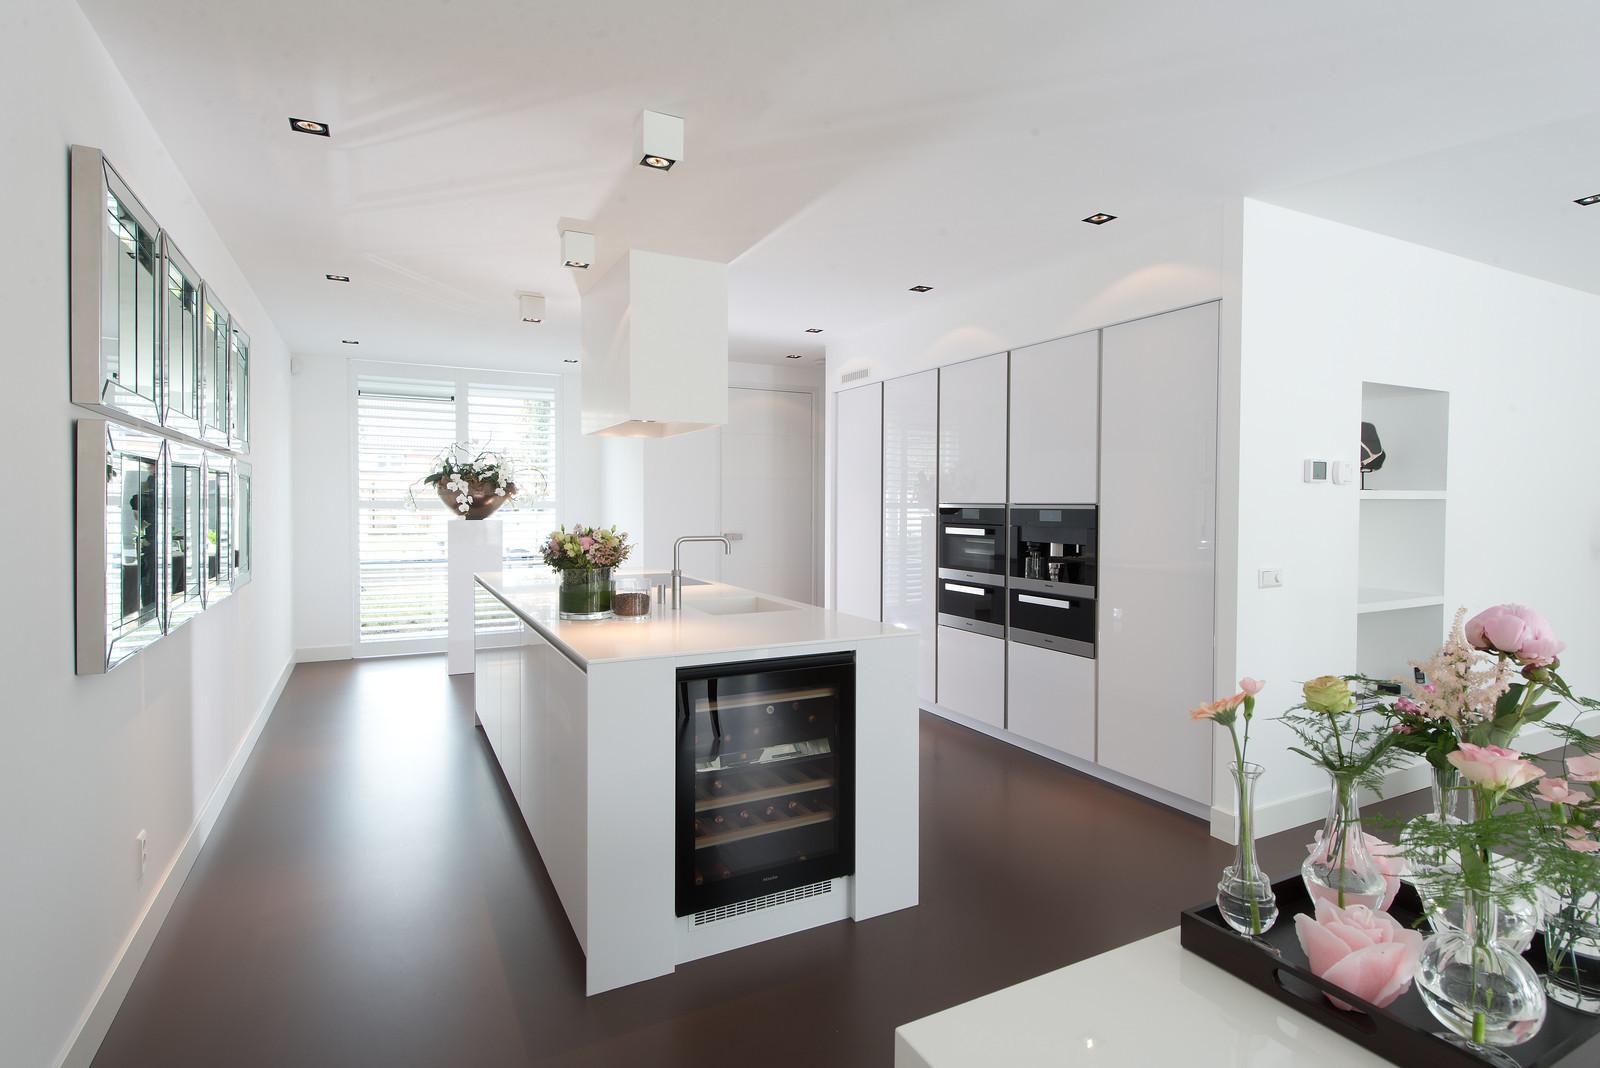 Witte Keuken Sfeer : Witte keuken voorbeelden & ideeën nieuws startpagina voor keuken